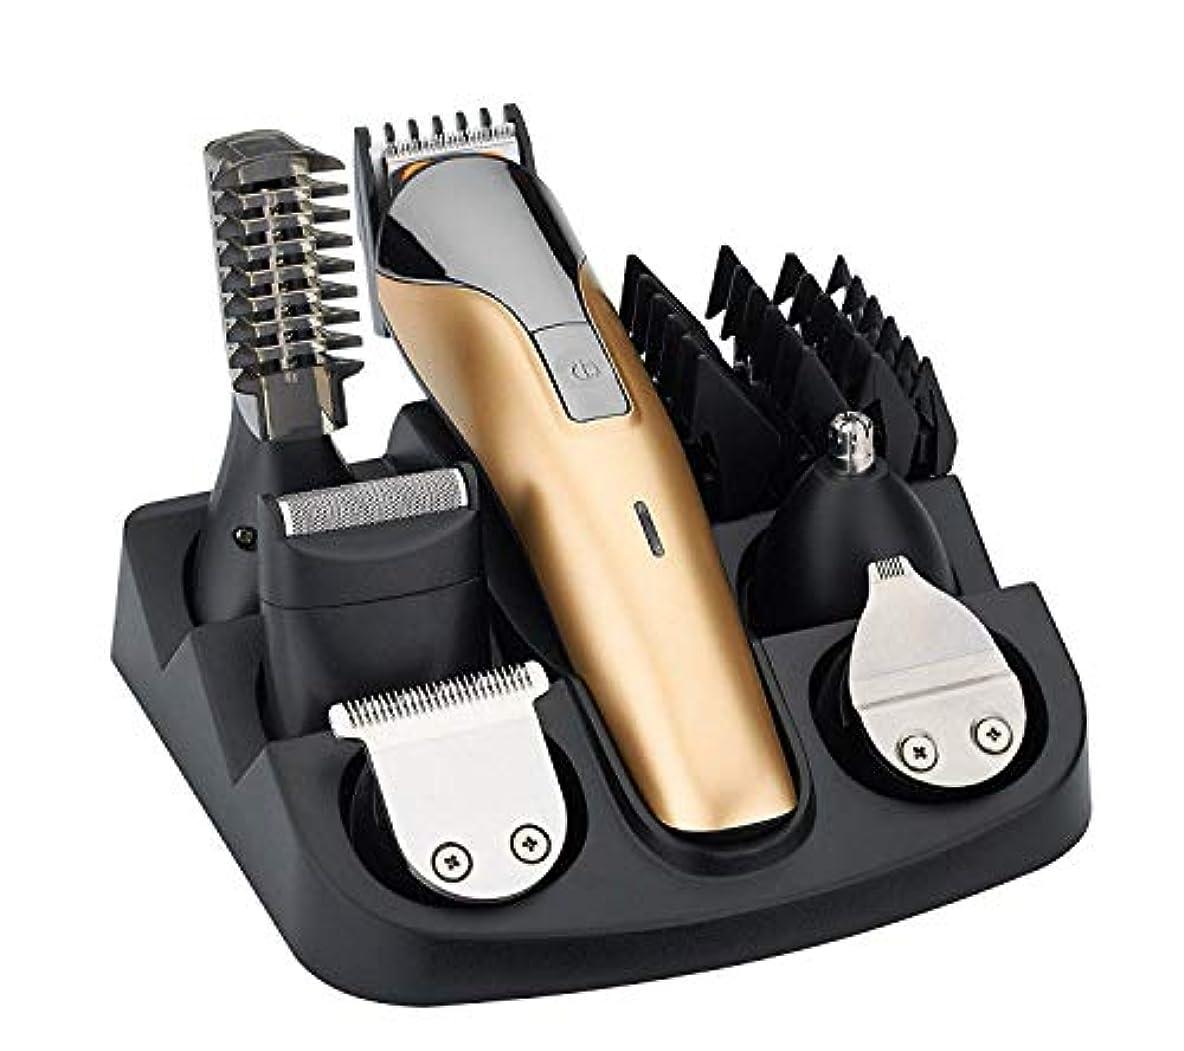 クライストチャーチインディカ勇気バリカン男性電気かみそりのひげのトリマー、かみそりの鼻の盲目の角度のトリマーの美容師セット多機能電気バリカン